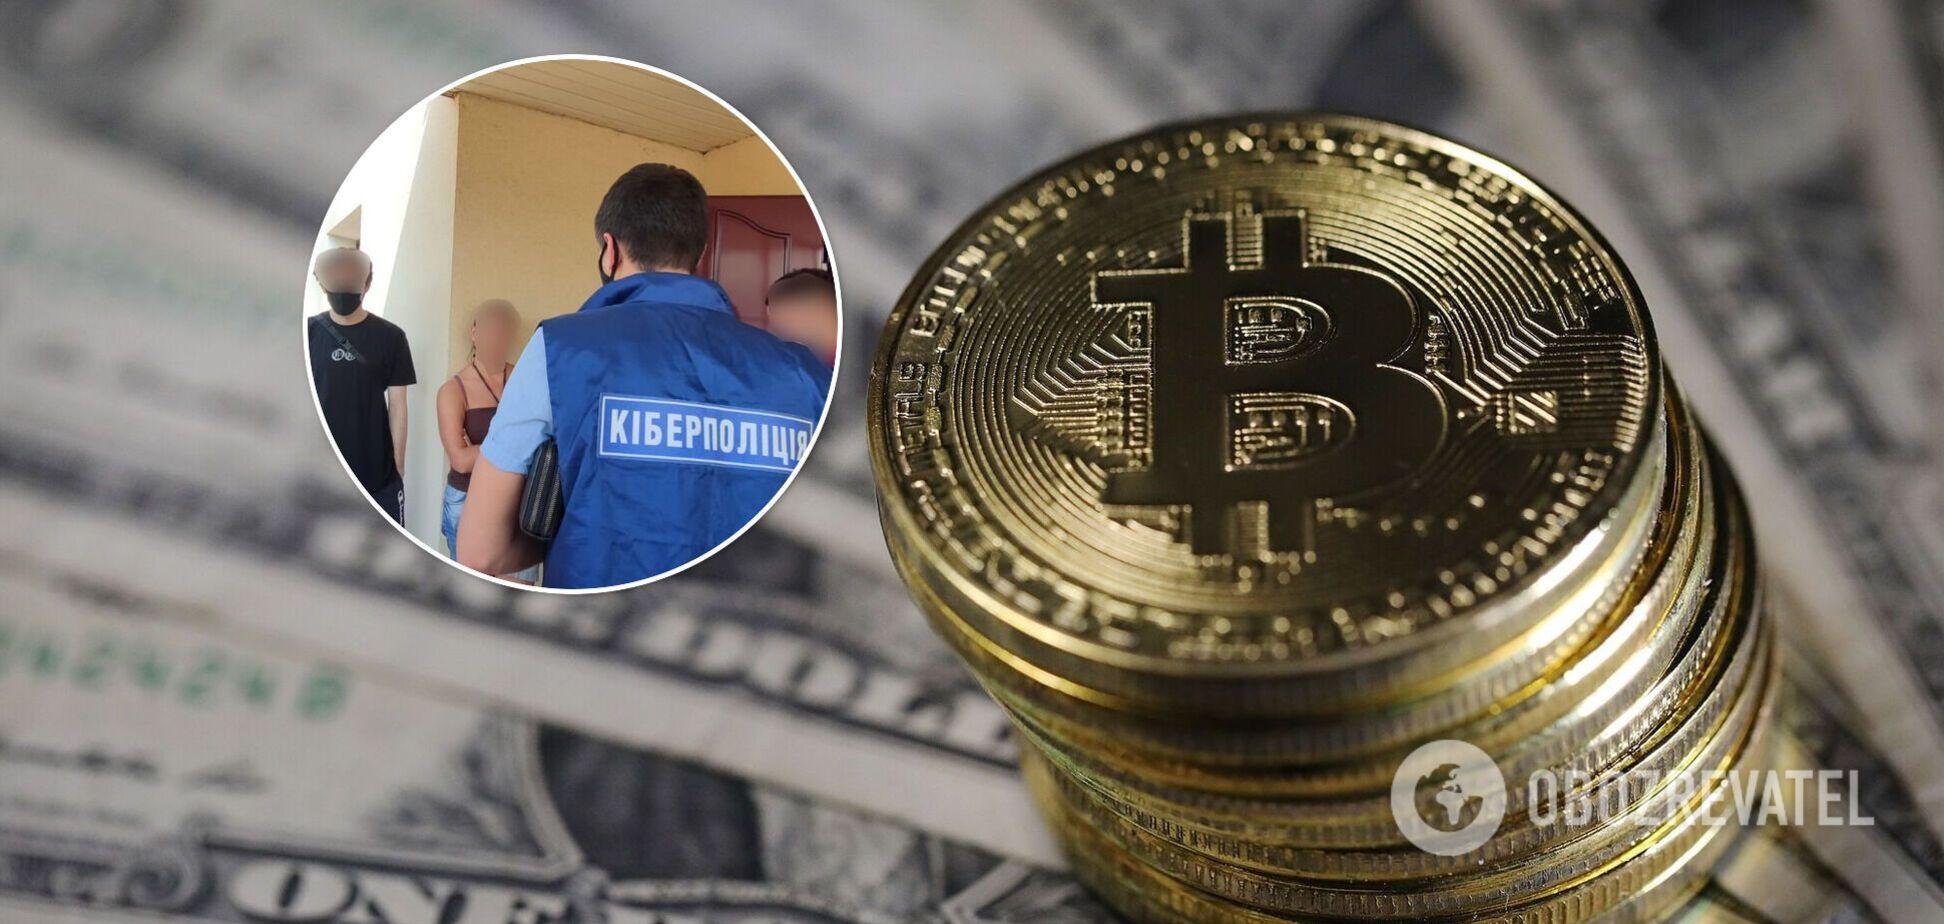 Киберполиция заблокировала 'криптобиржу', которая обманула украинцев на 250 миллионов гривен